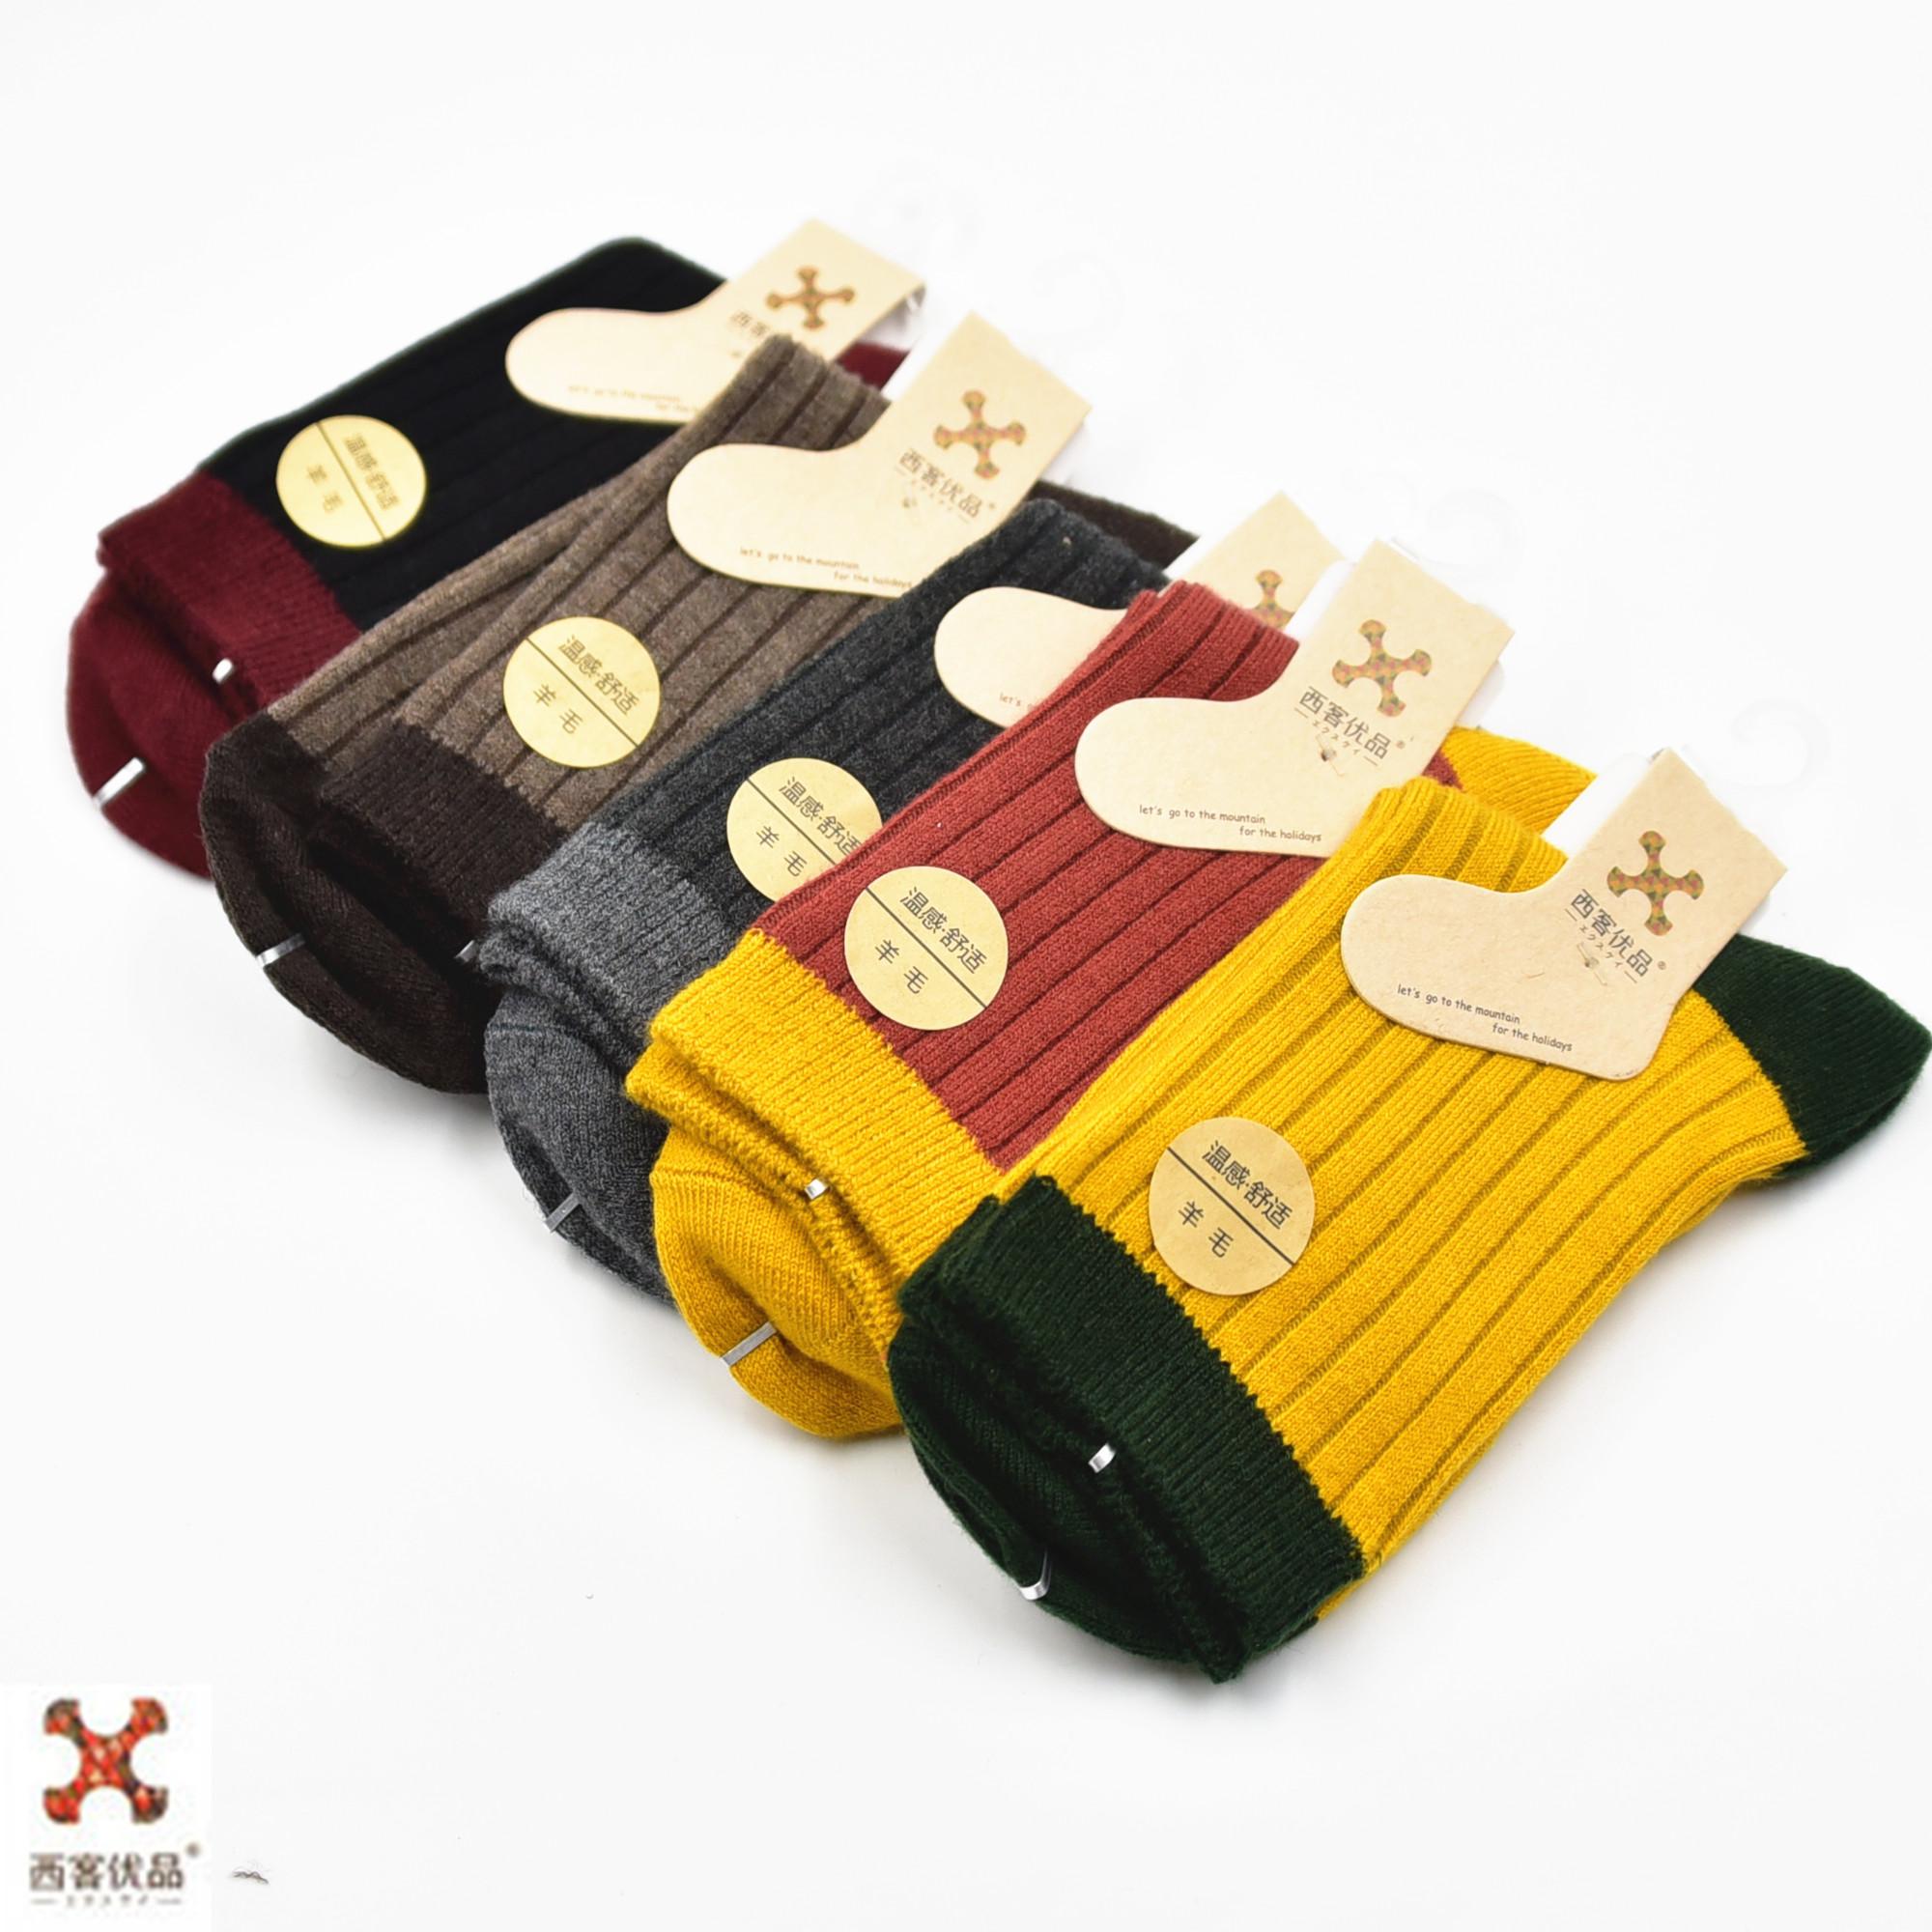 1双西客优品秋冬女士拼色羊毛袜温感女袜撞色软袜子不嘞腿中筒袜